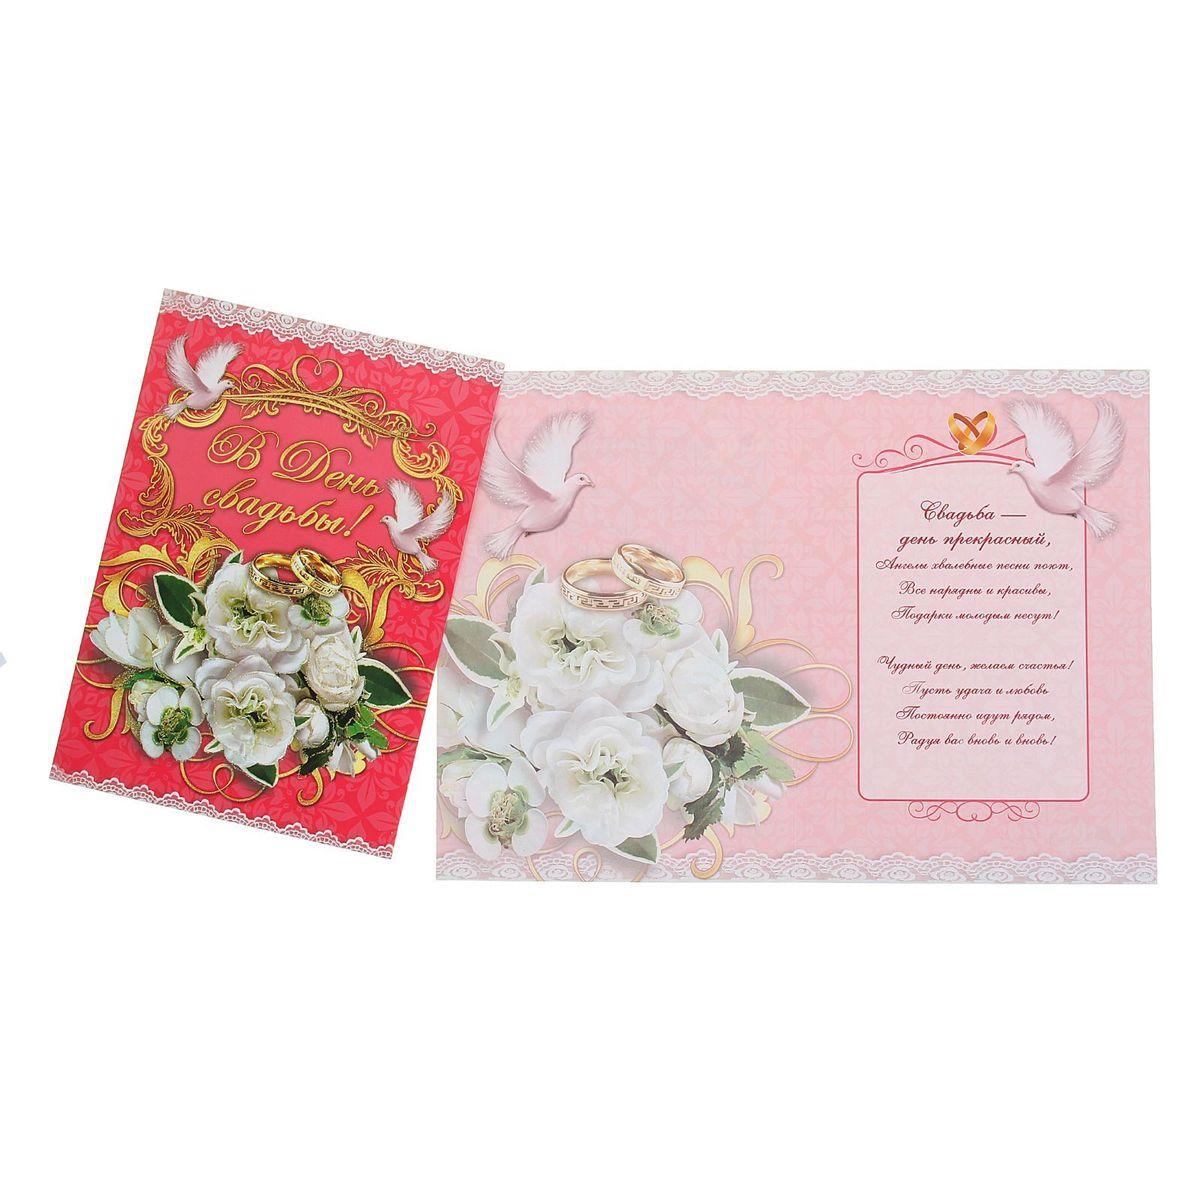 Открытка Sima-land В день свадьбы! Цветы и кольцаRG-D31SЕсли вы хотите порадовать себя или близких, создать праздничное настроение и с улыбкой провести памятный день, то вы, несомненно, сделали правильный выбор! Открытка Sima-land В день свадьбы! Цветы и кольца, выполненная из плотной бумаги, отличается не только оригинальным дизайном, но и высоким качеством.Лицевая сторона изделия оформлена ярким изображением. Внутри открытка содержит текст с поздравлением.Такая открытка непременно порадует получателя и станет отличным напоминанием о проведенном вместе времени.